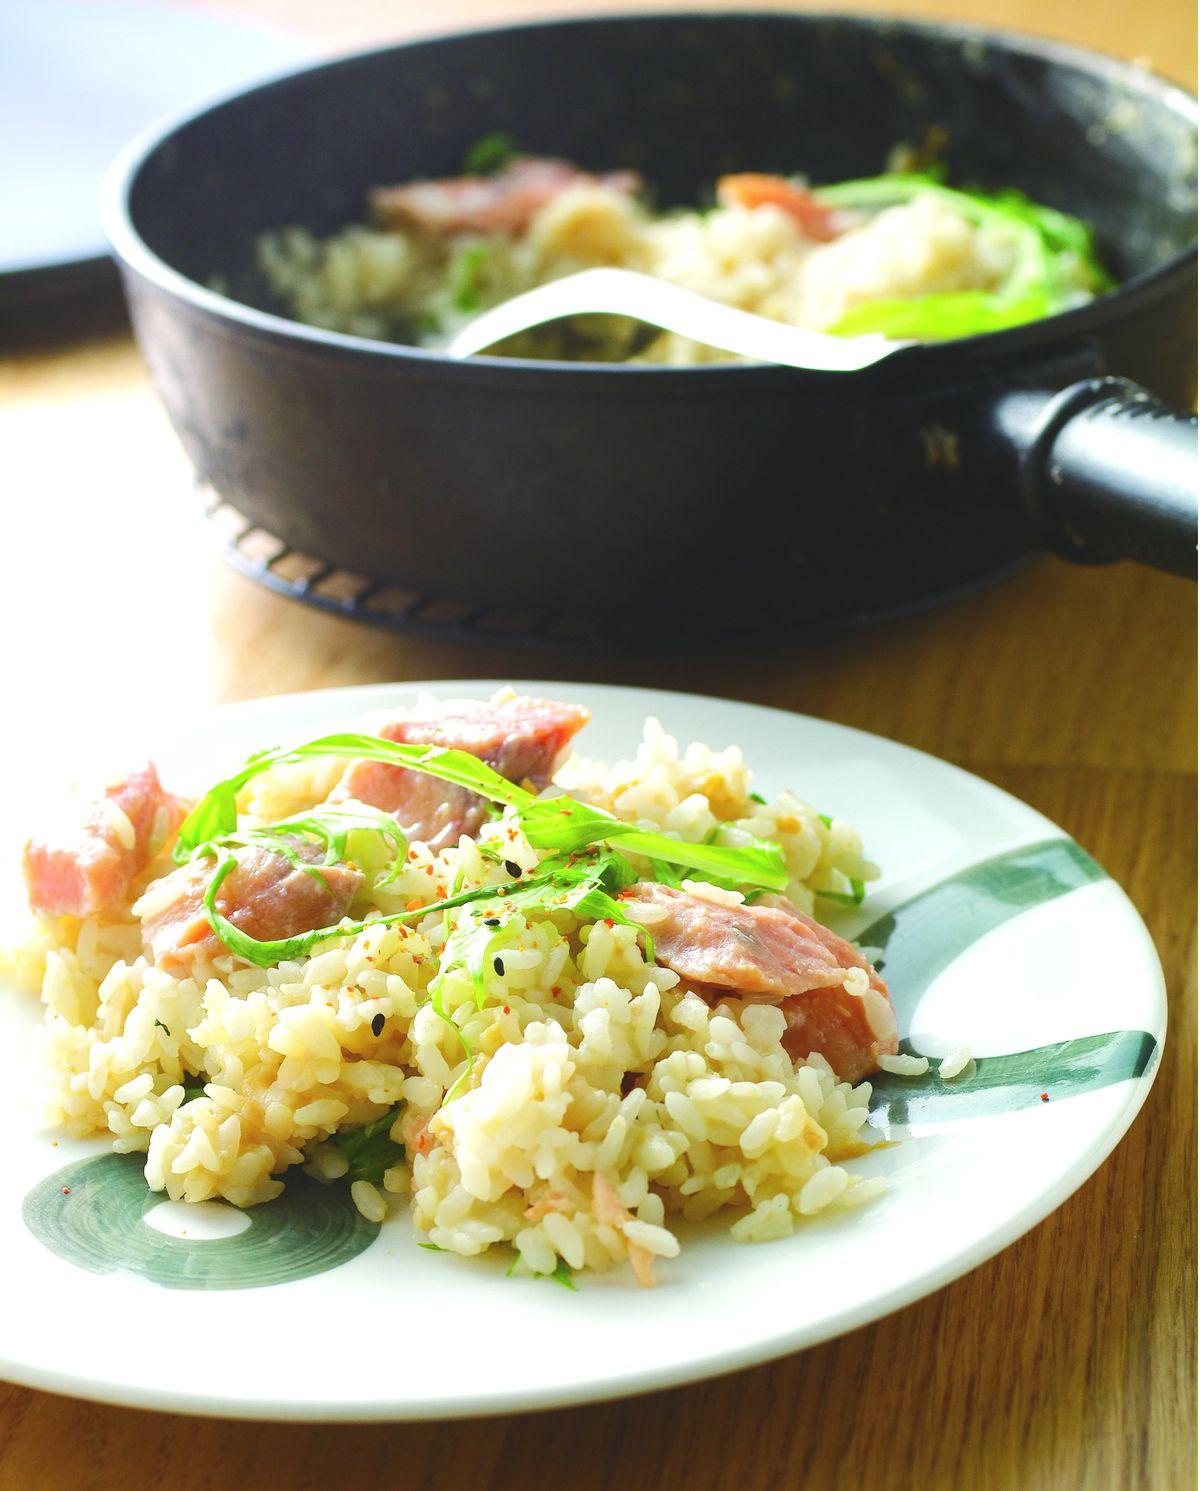 食譜:味噌鮭魚菠菜燉飯